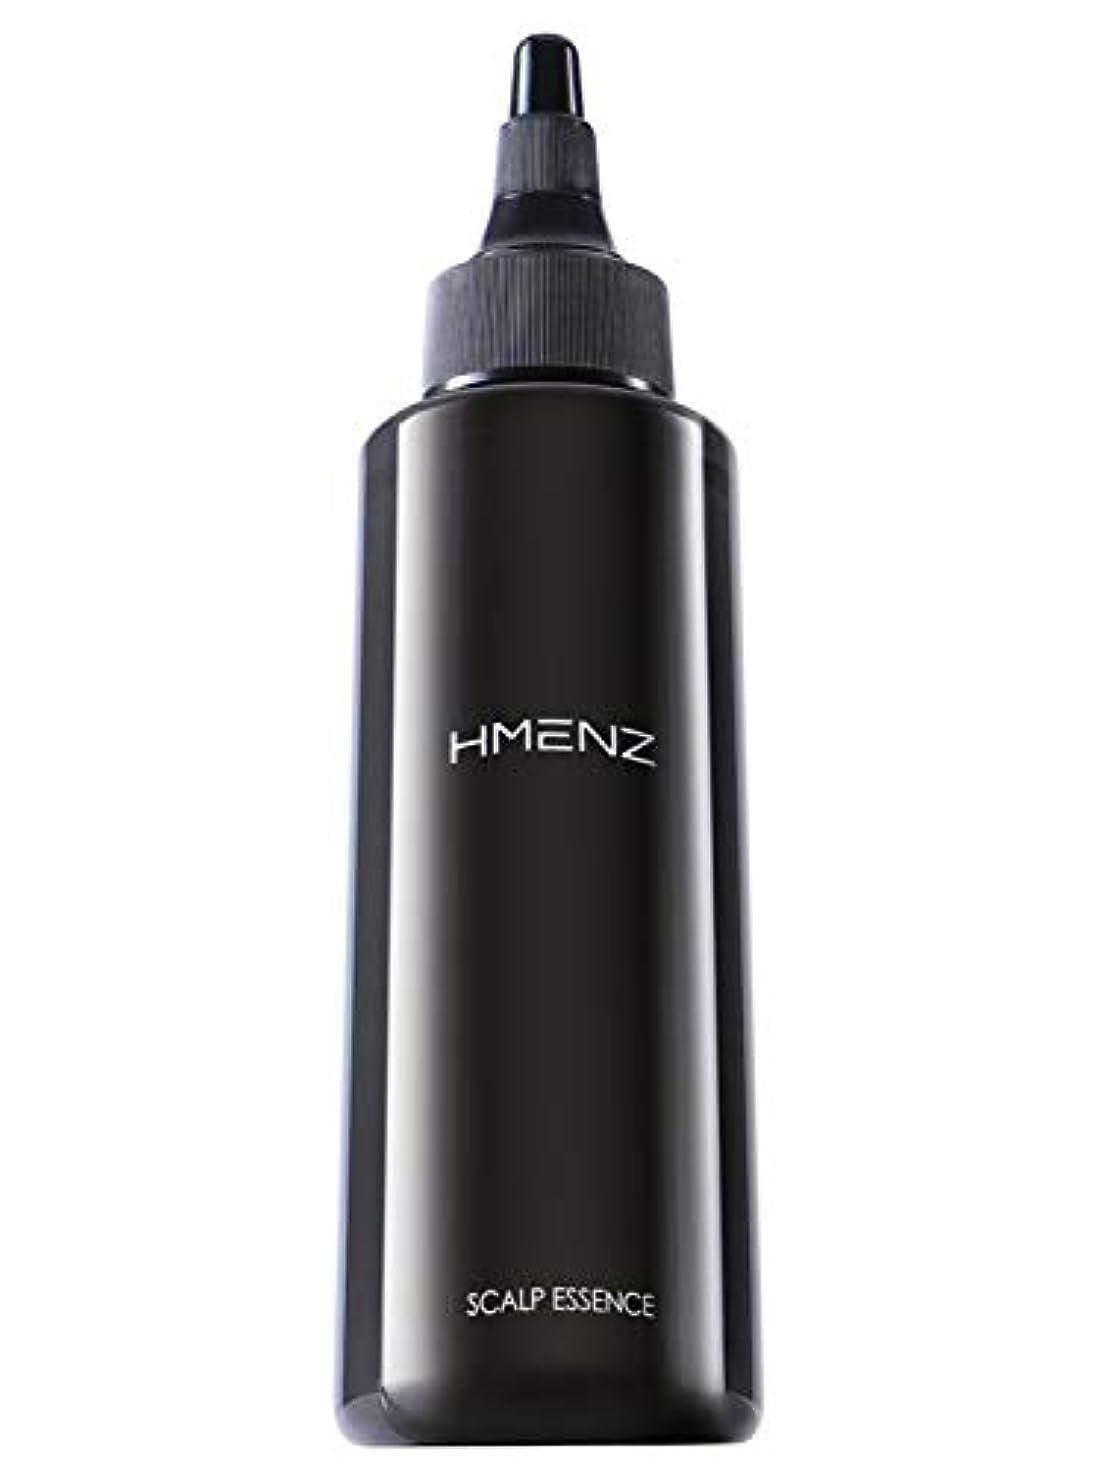 すきカプラーあえて医薬部外品 HMENZ メンズ 育毛剤 スカルプエッセンス 毛髪エイジングケアシリーズ 和漢根 海藻配合 育毛トニック 120ml